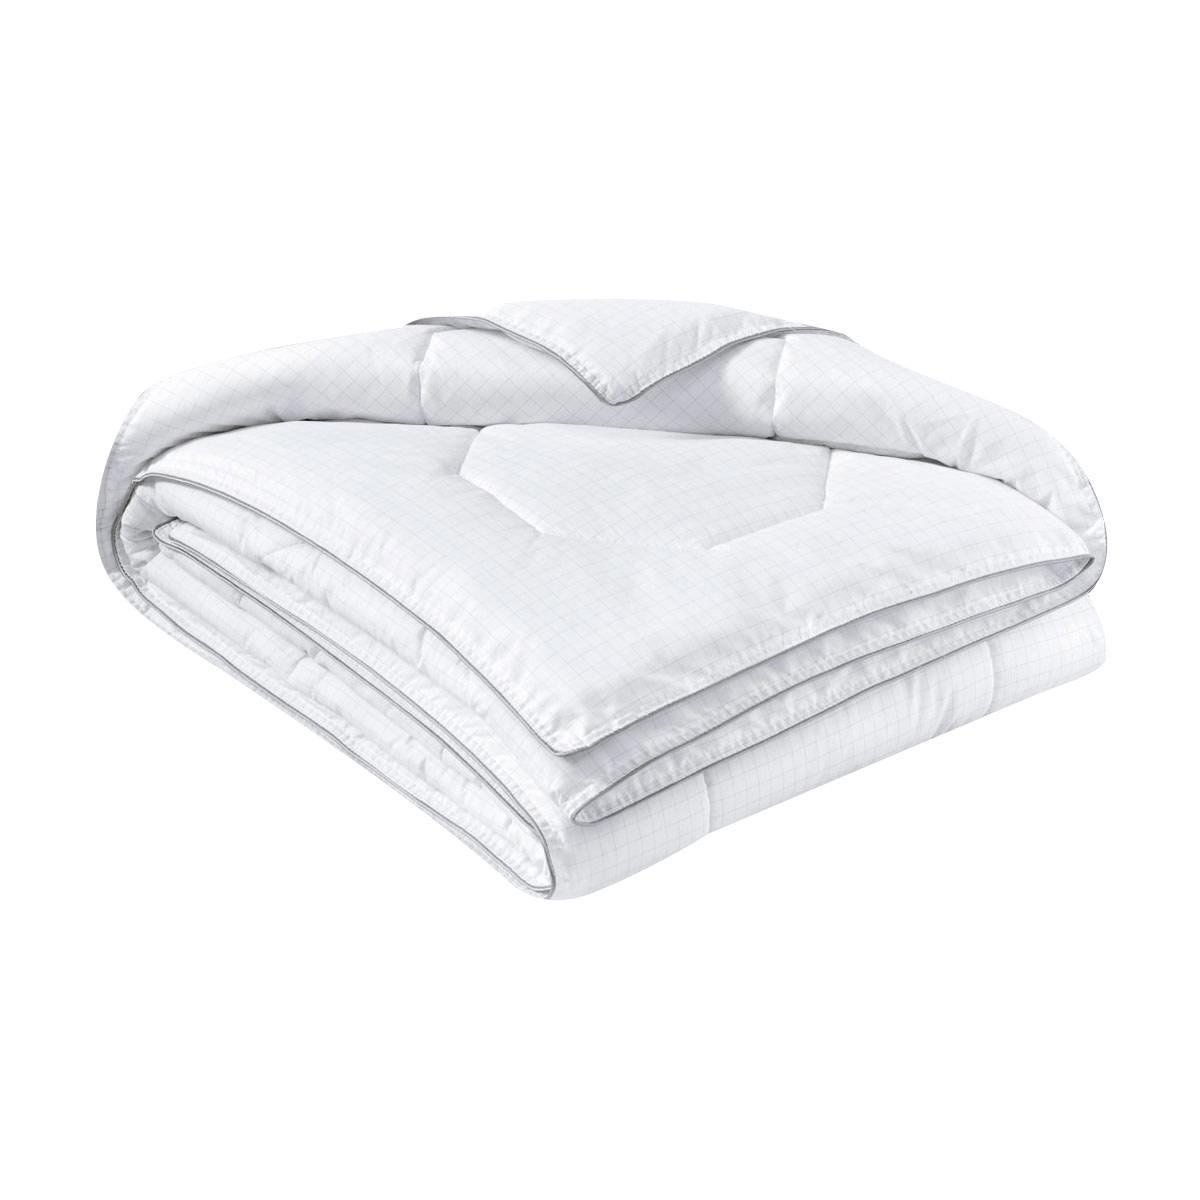 Одеяло Arya home collection Anti-Stres Nano 215х155 см микрогелевое волокно